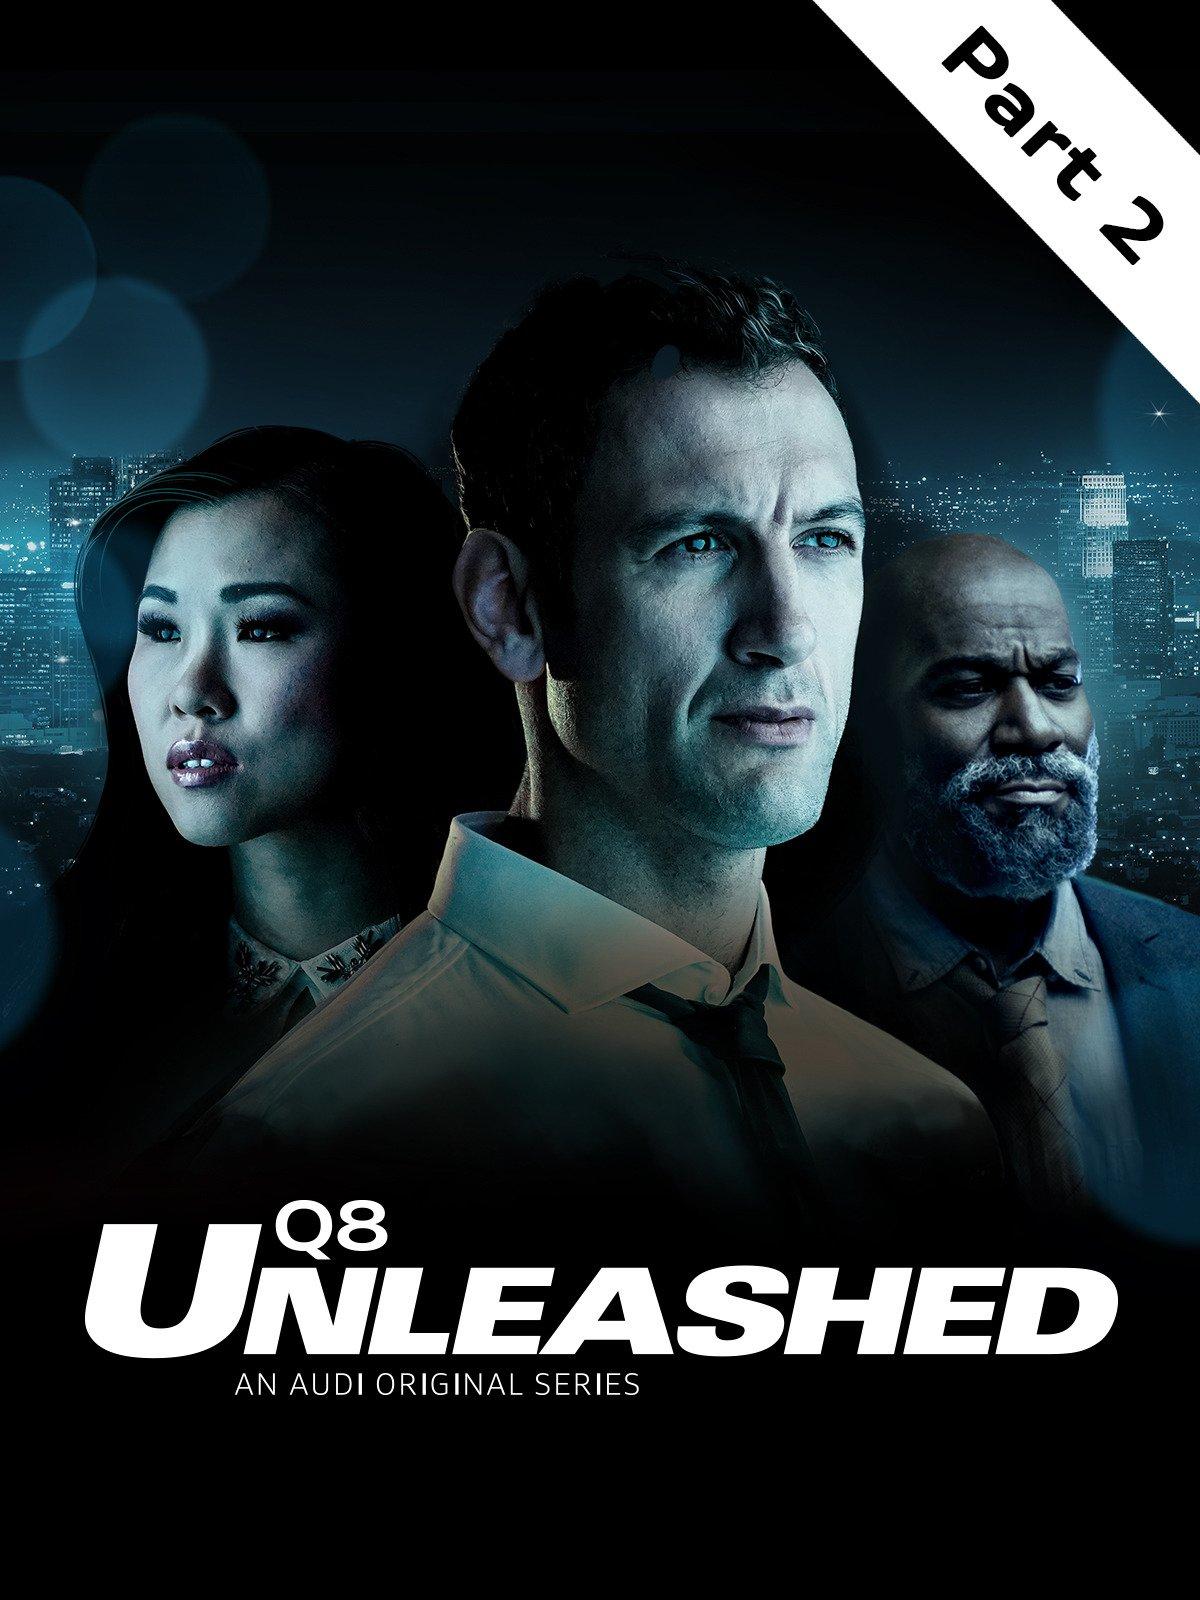 Q8 Unleashed 2